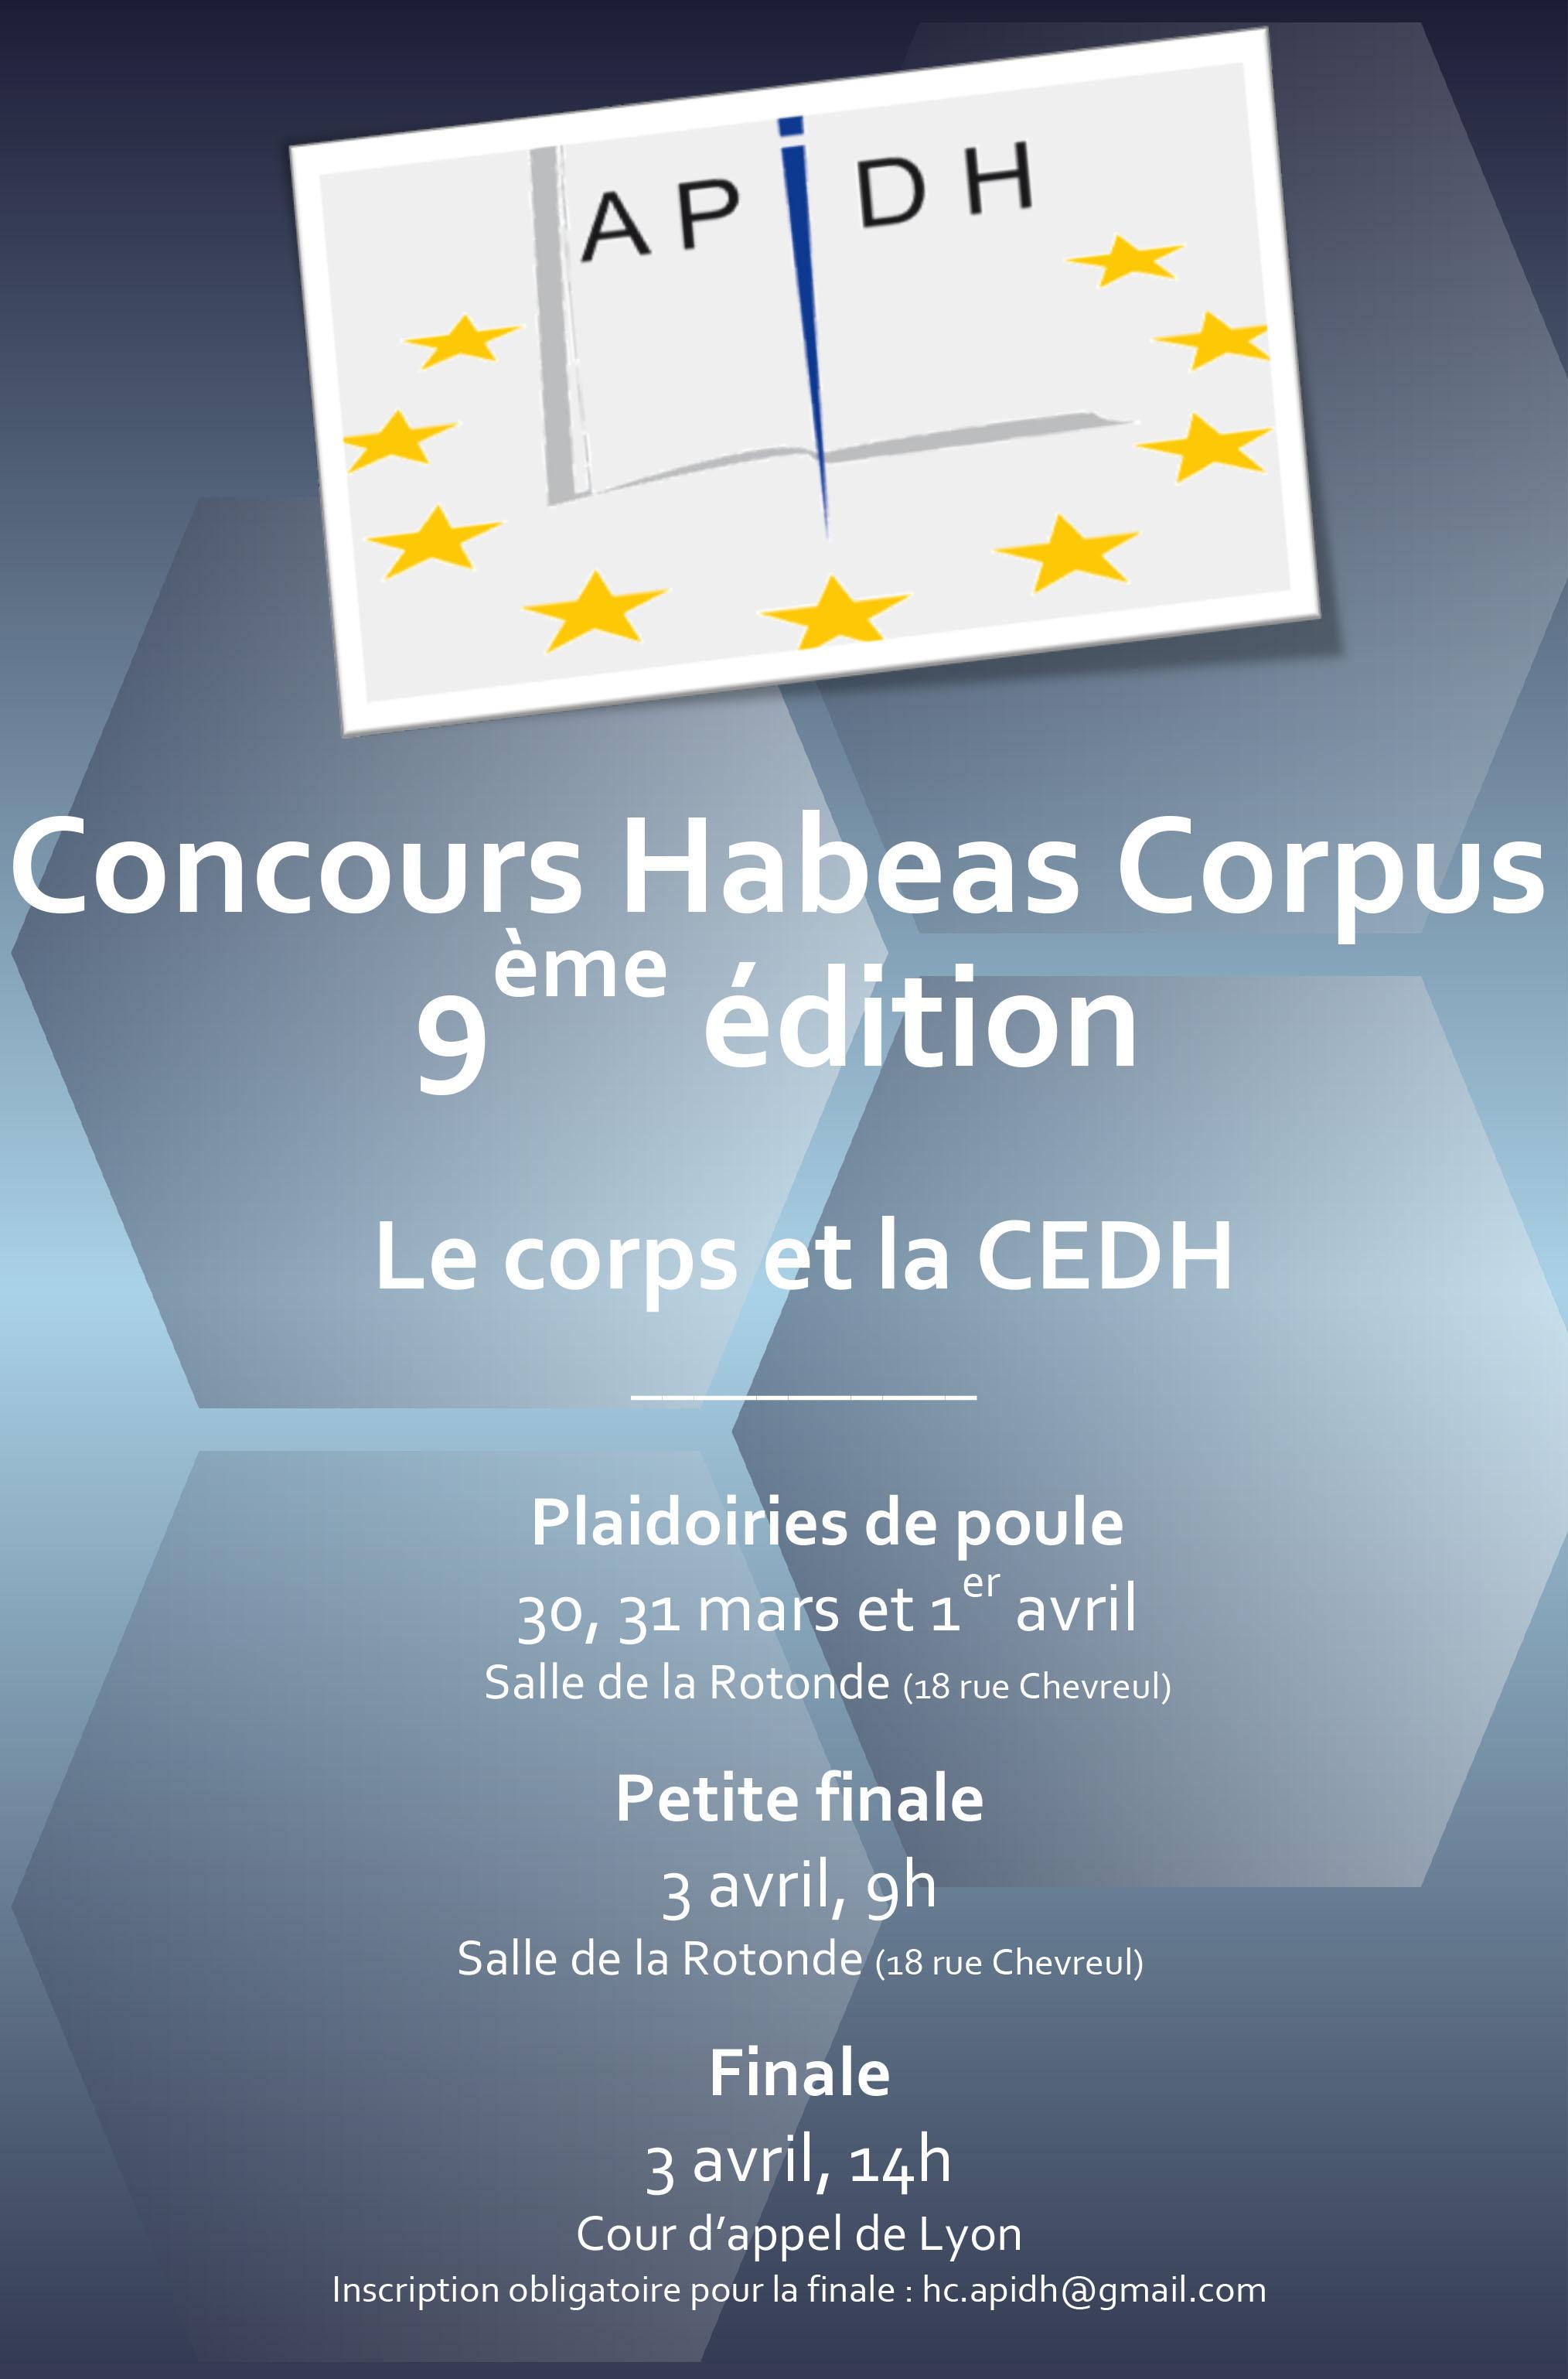 affiche concours Habeas Corpus